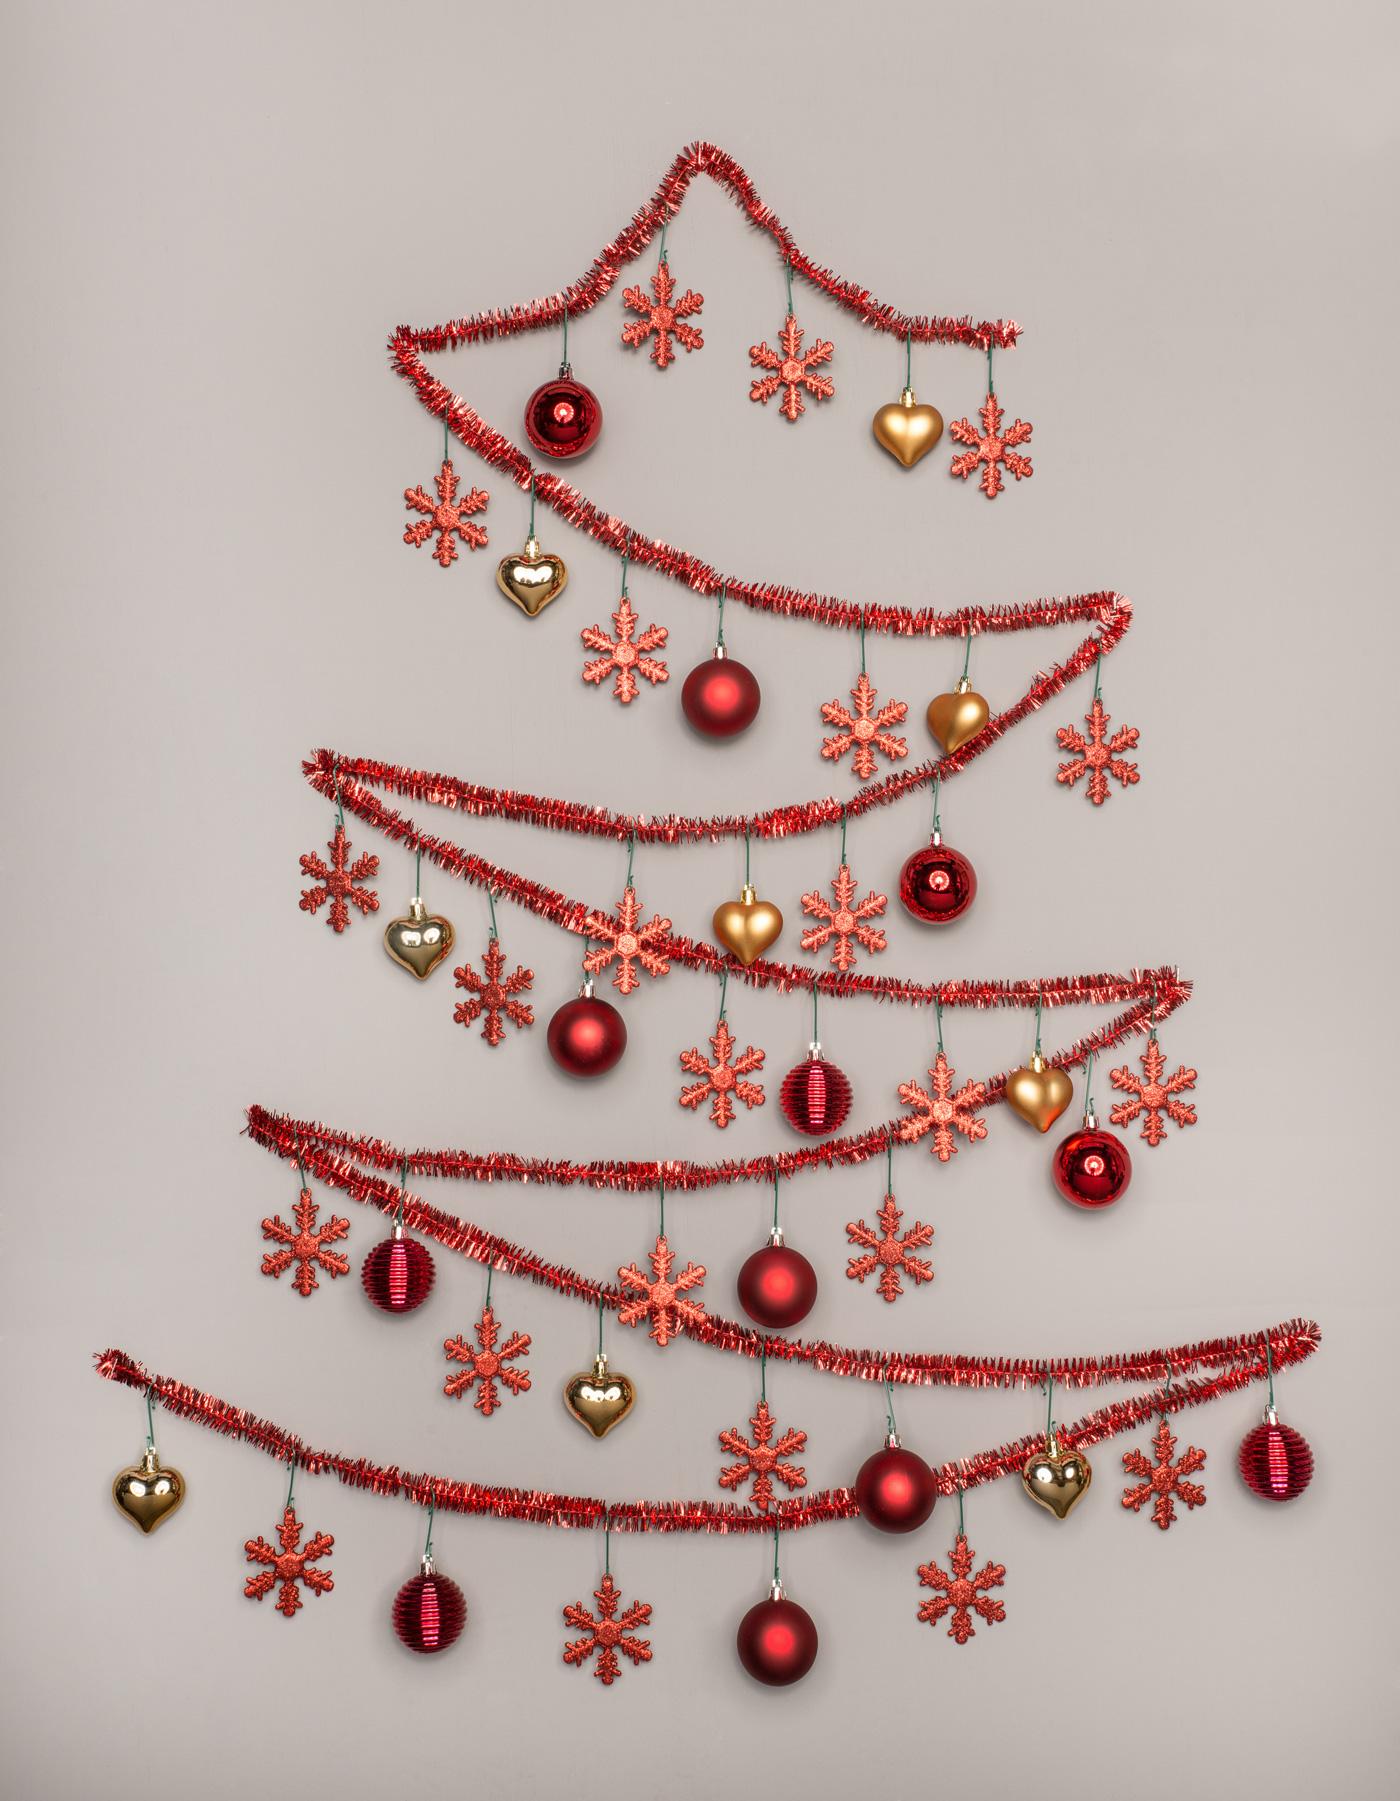 Wie gemalt: ein Christbaum aus Weihnachtsschmuck